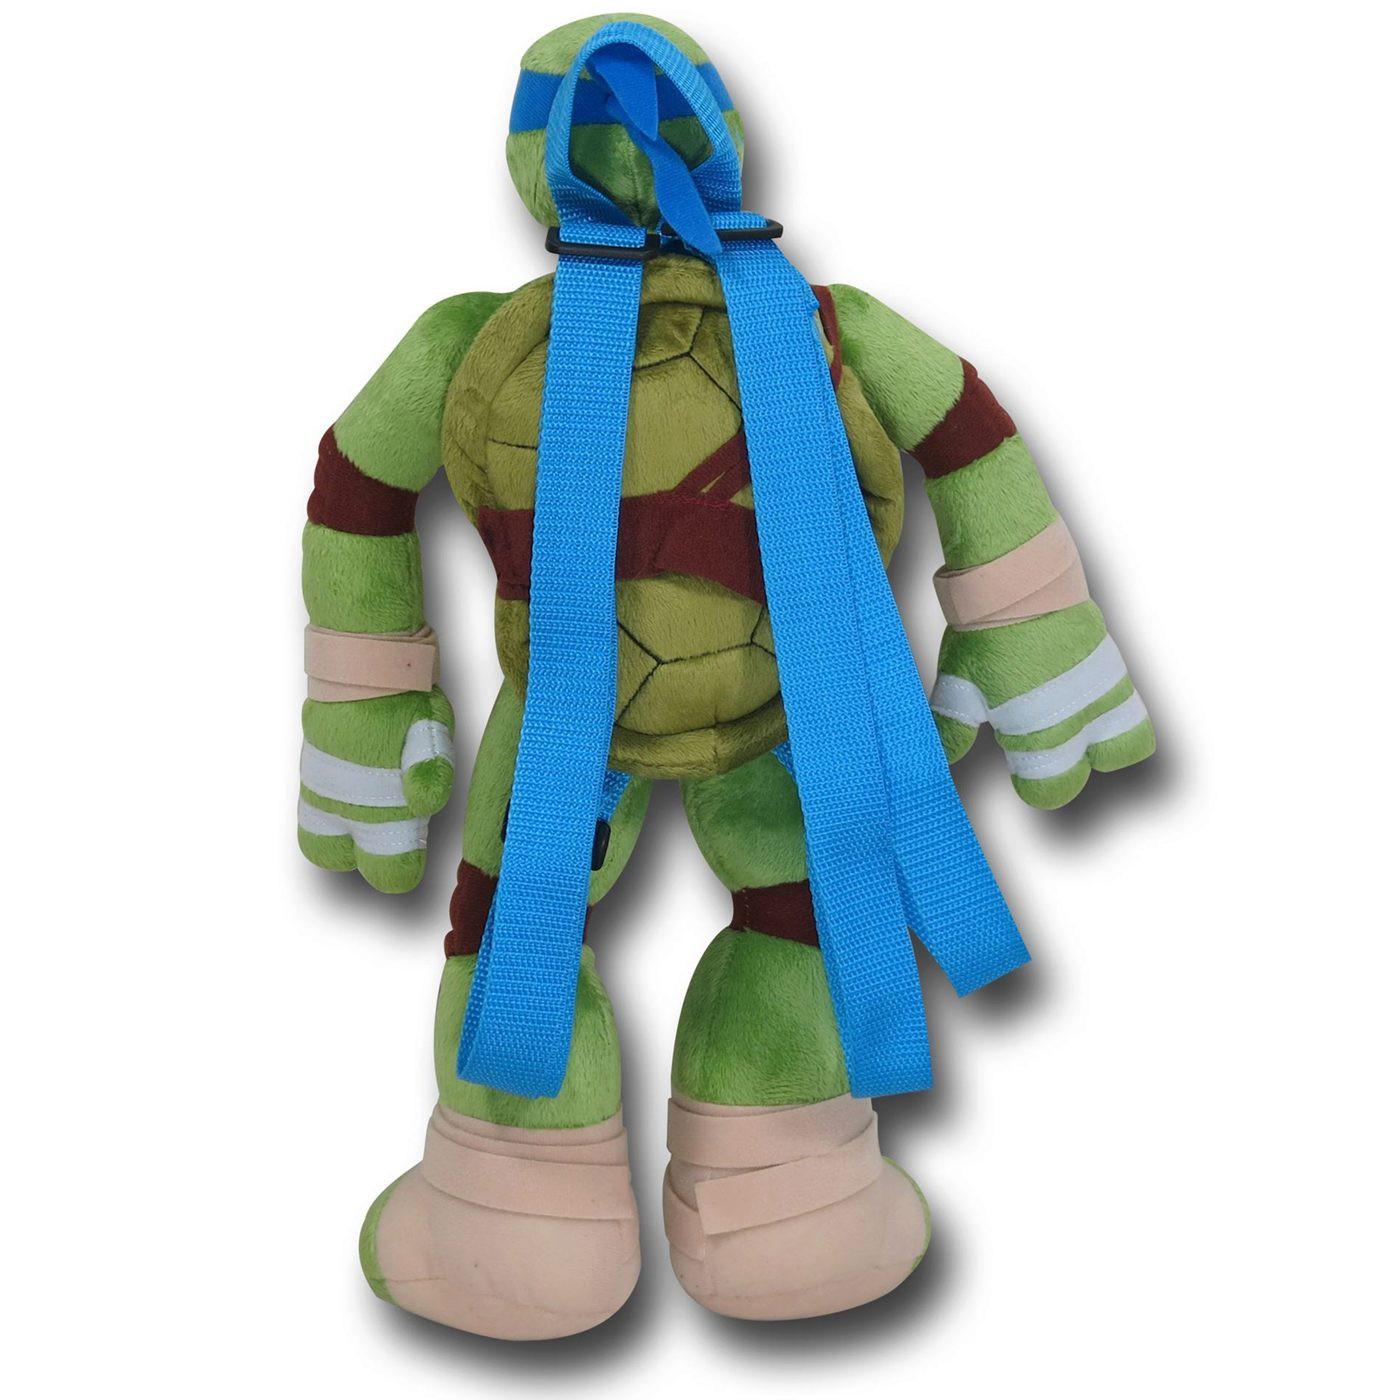 Teenage Mutant Ninja Turtles TMNT Leo Plush Backpack